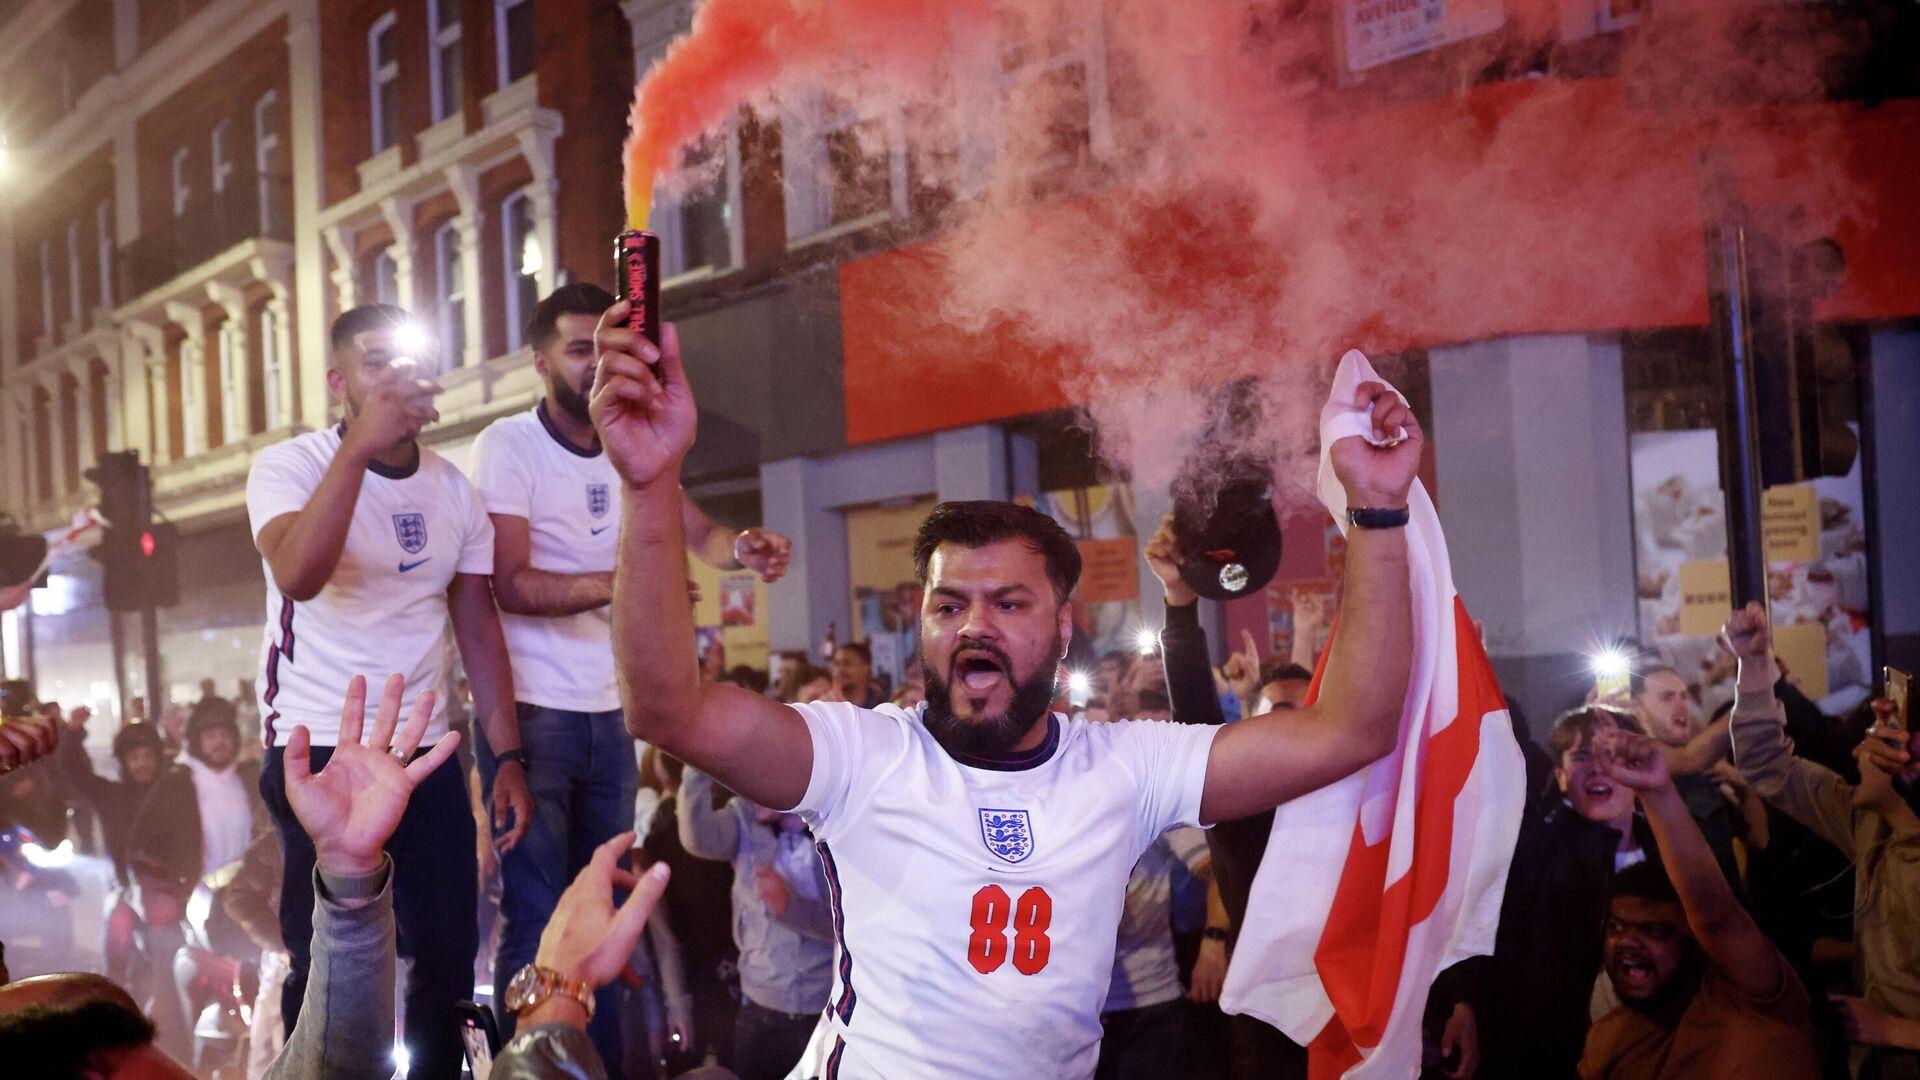 Английские фанаты празднуют победу над командой Дании - РИА Новости, 1920, 08.07.2021